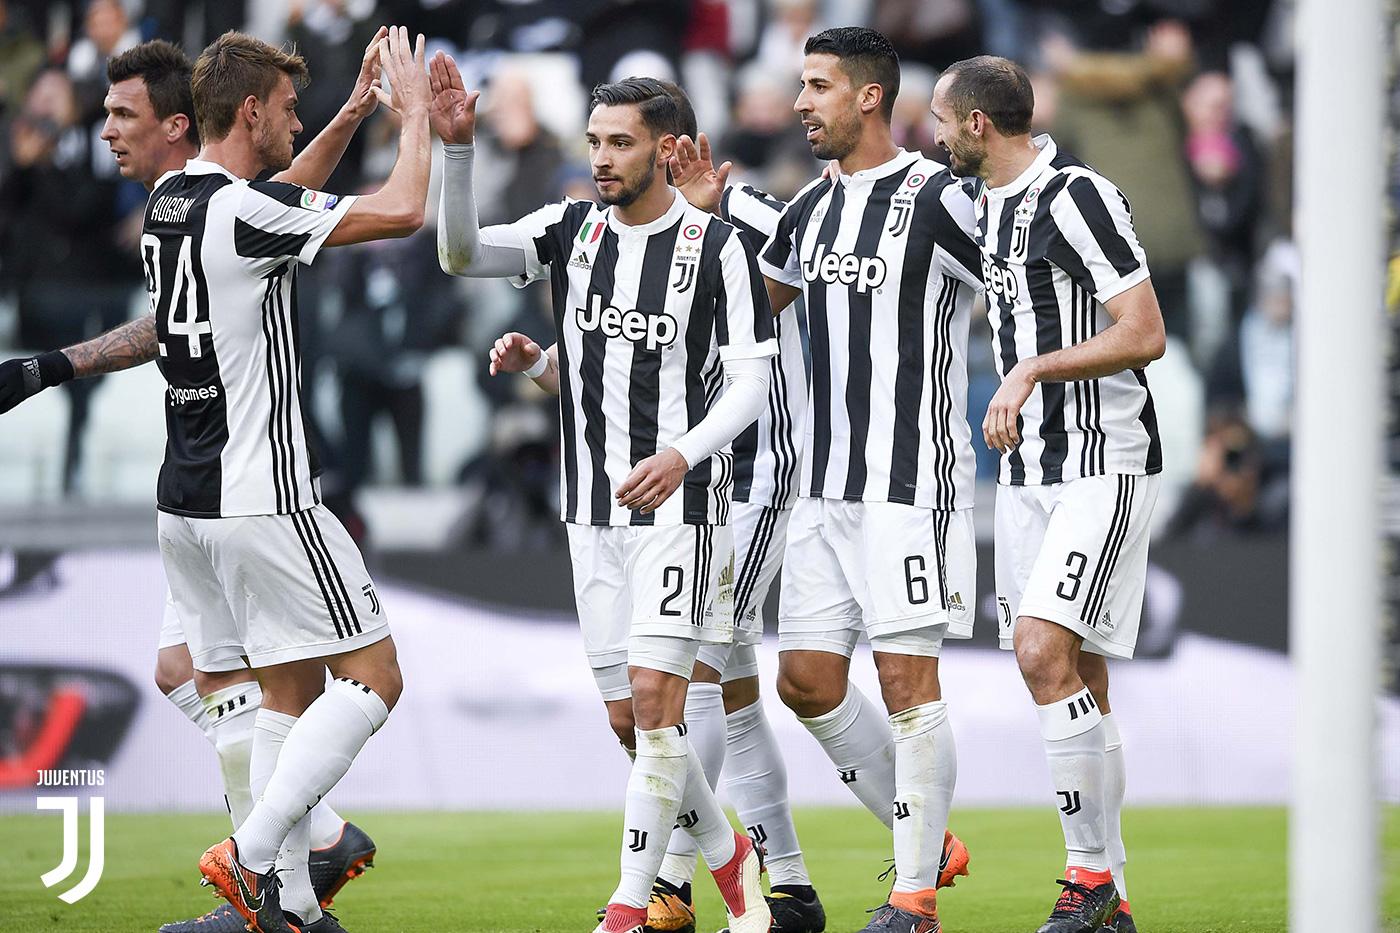 Прогноз на матч Ювентус - Сассуоло: клуб из Турина победит с форой -1,5